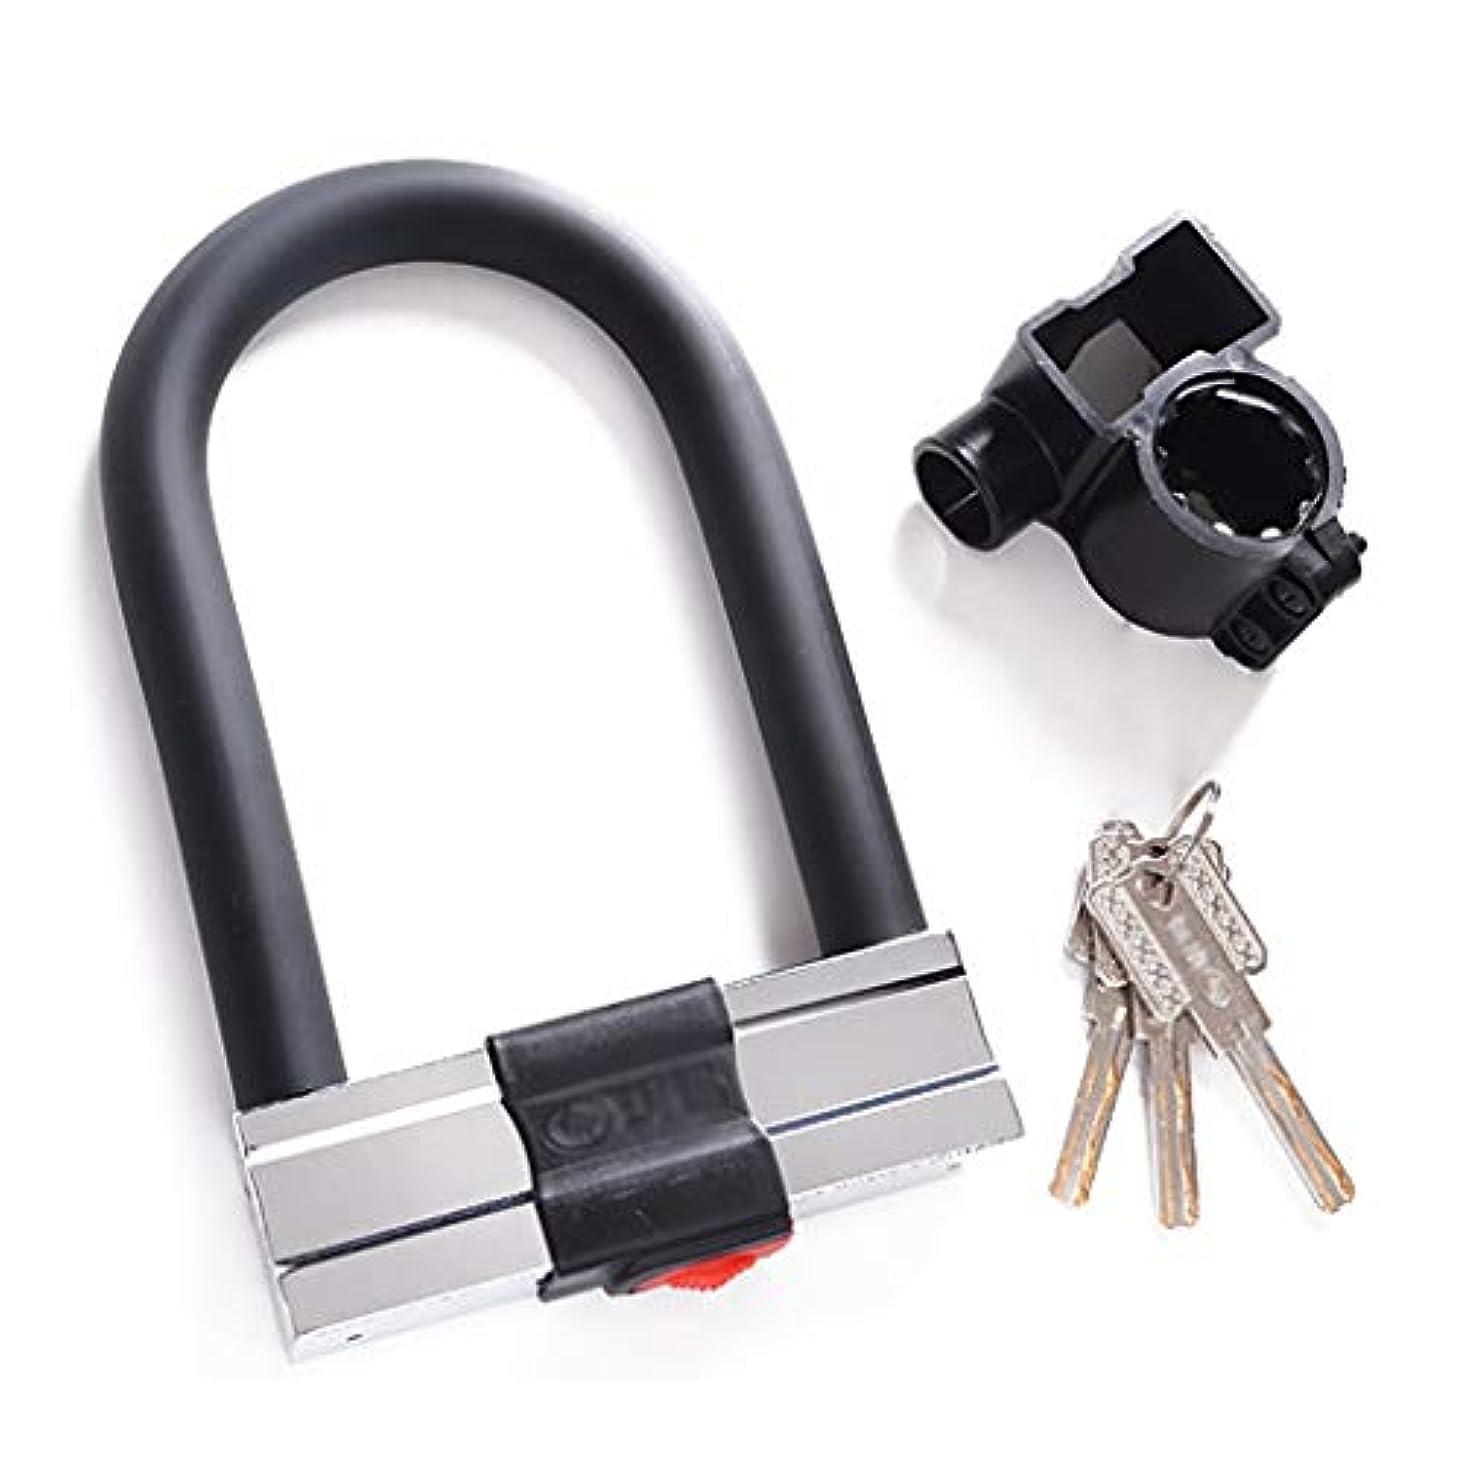 カード保存懐疑的Uロック、合金自転車ロック、盗難防止ロック、抗油圧せん断、ロックスペース138 * 80 mm